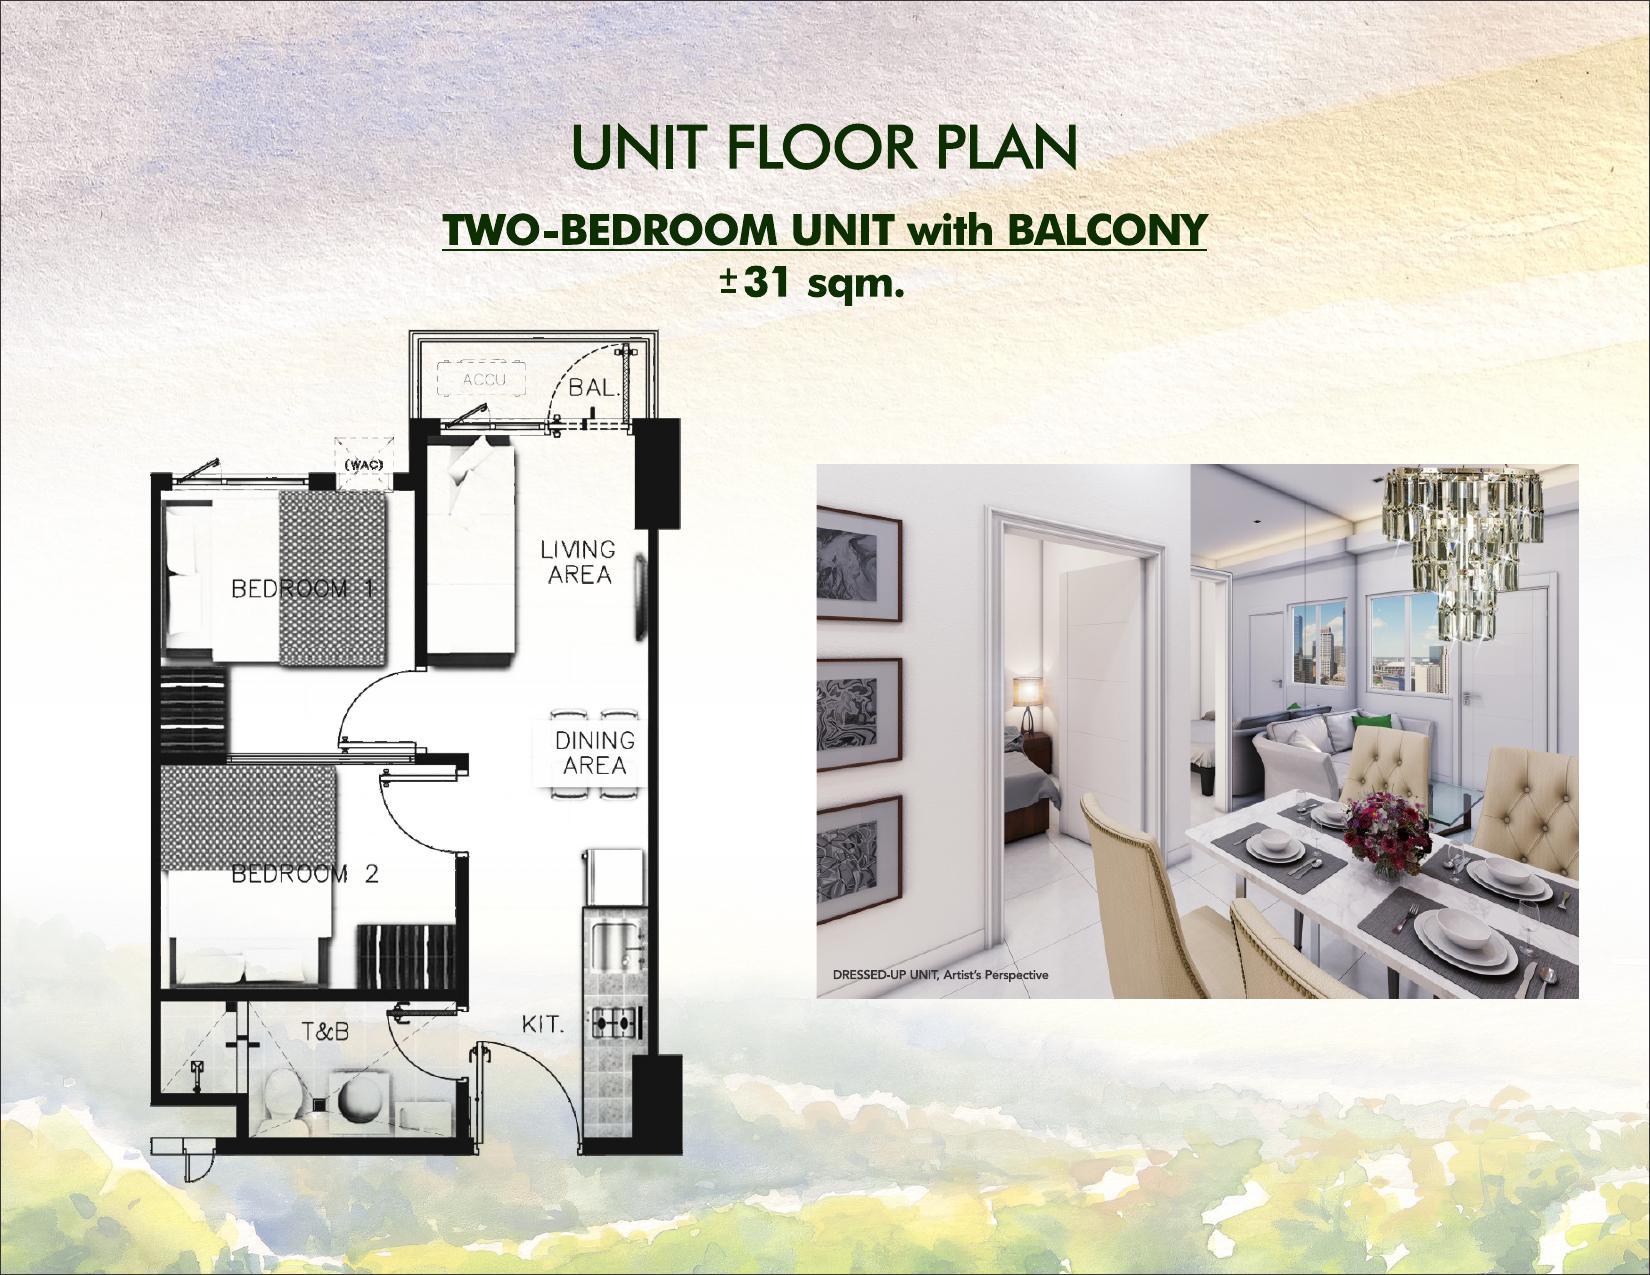 Vine unit layout